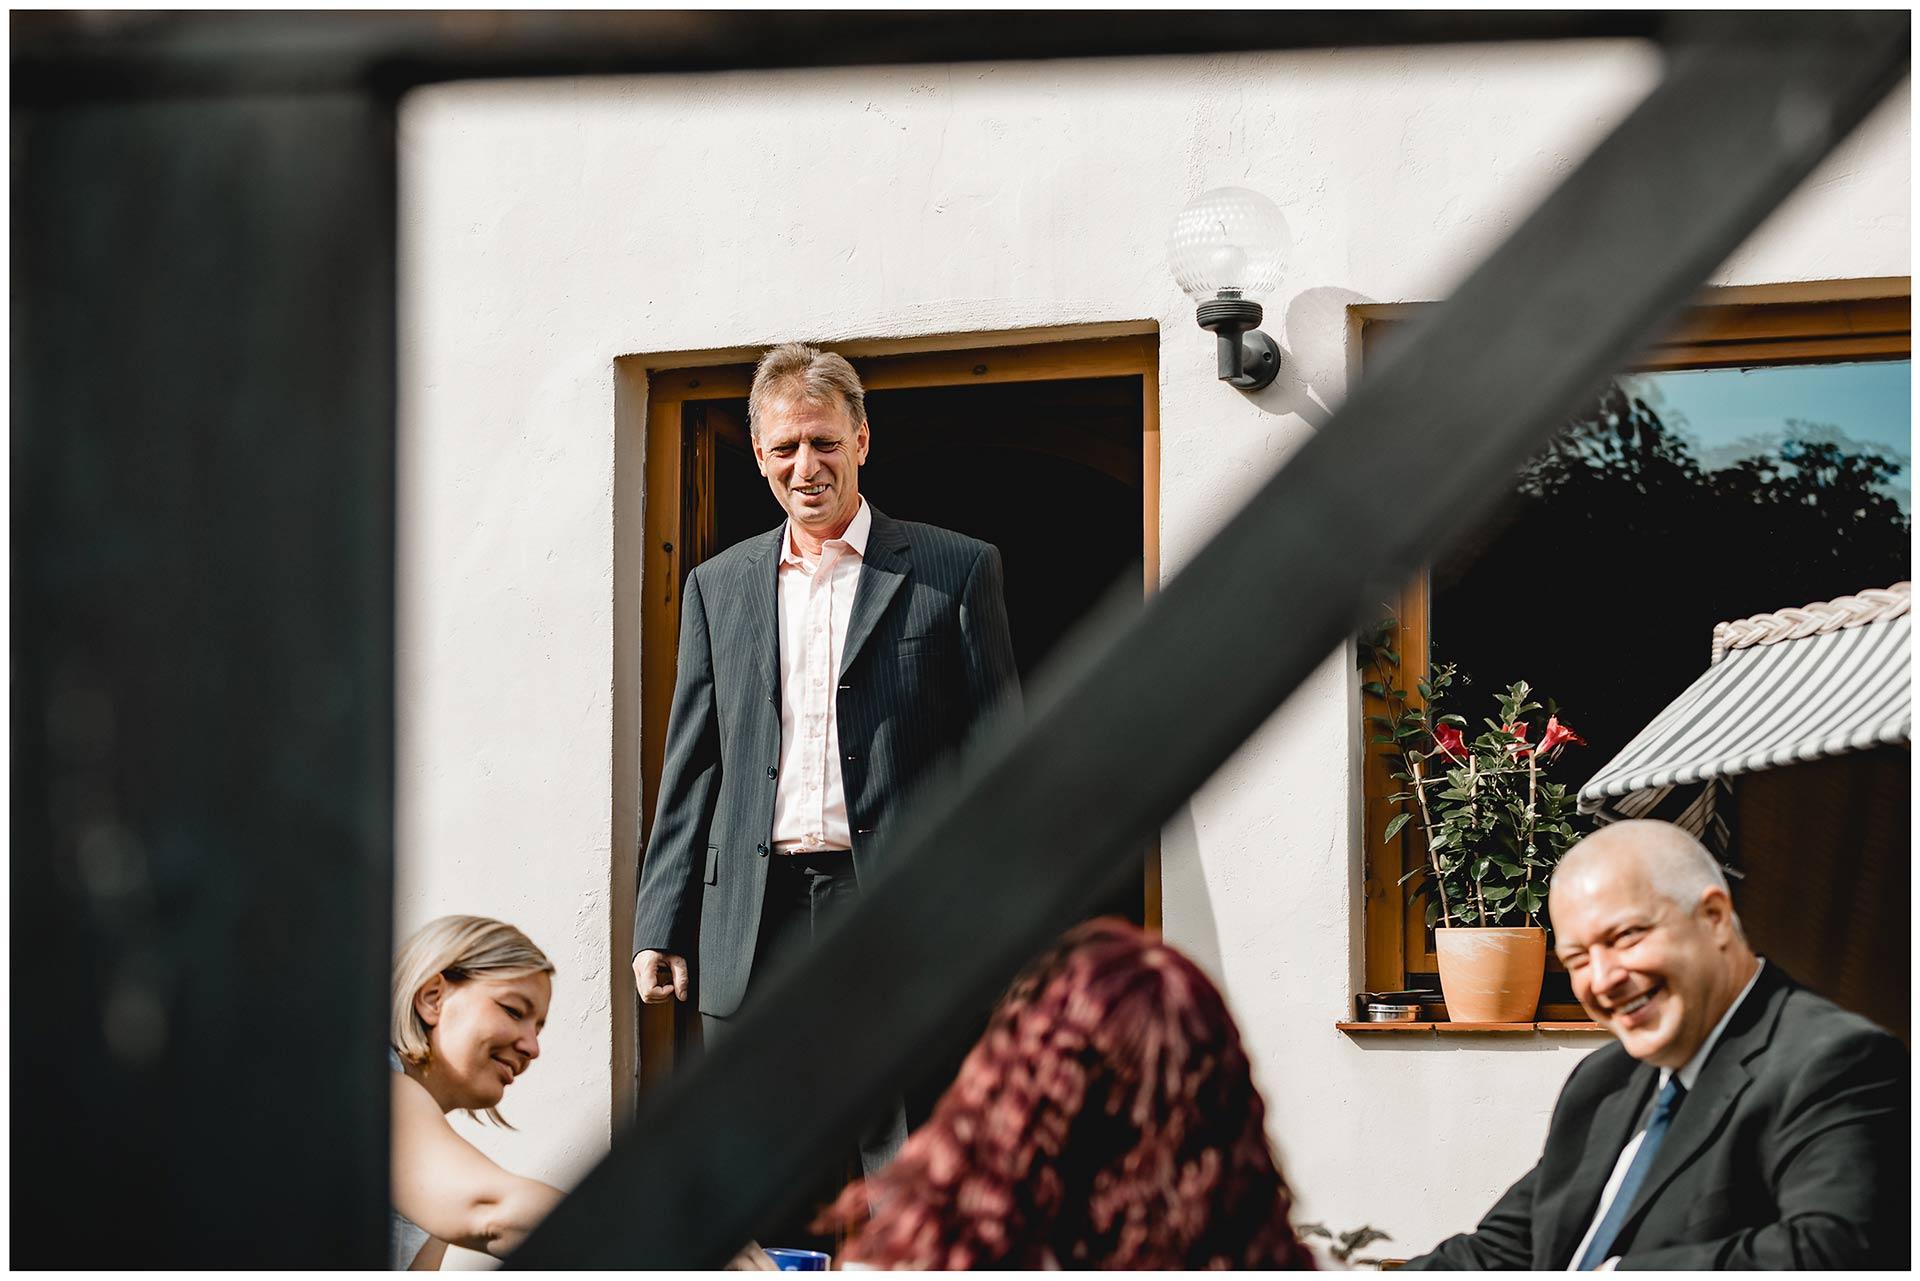 Brautvater lächelt zufrieden - Hochzeitsfotograf Teterow